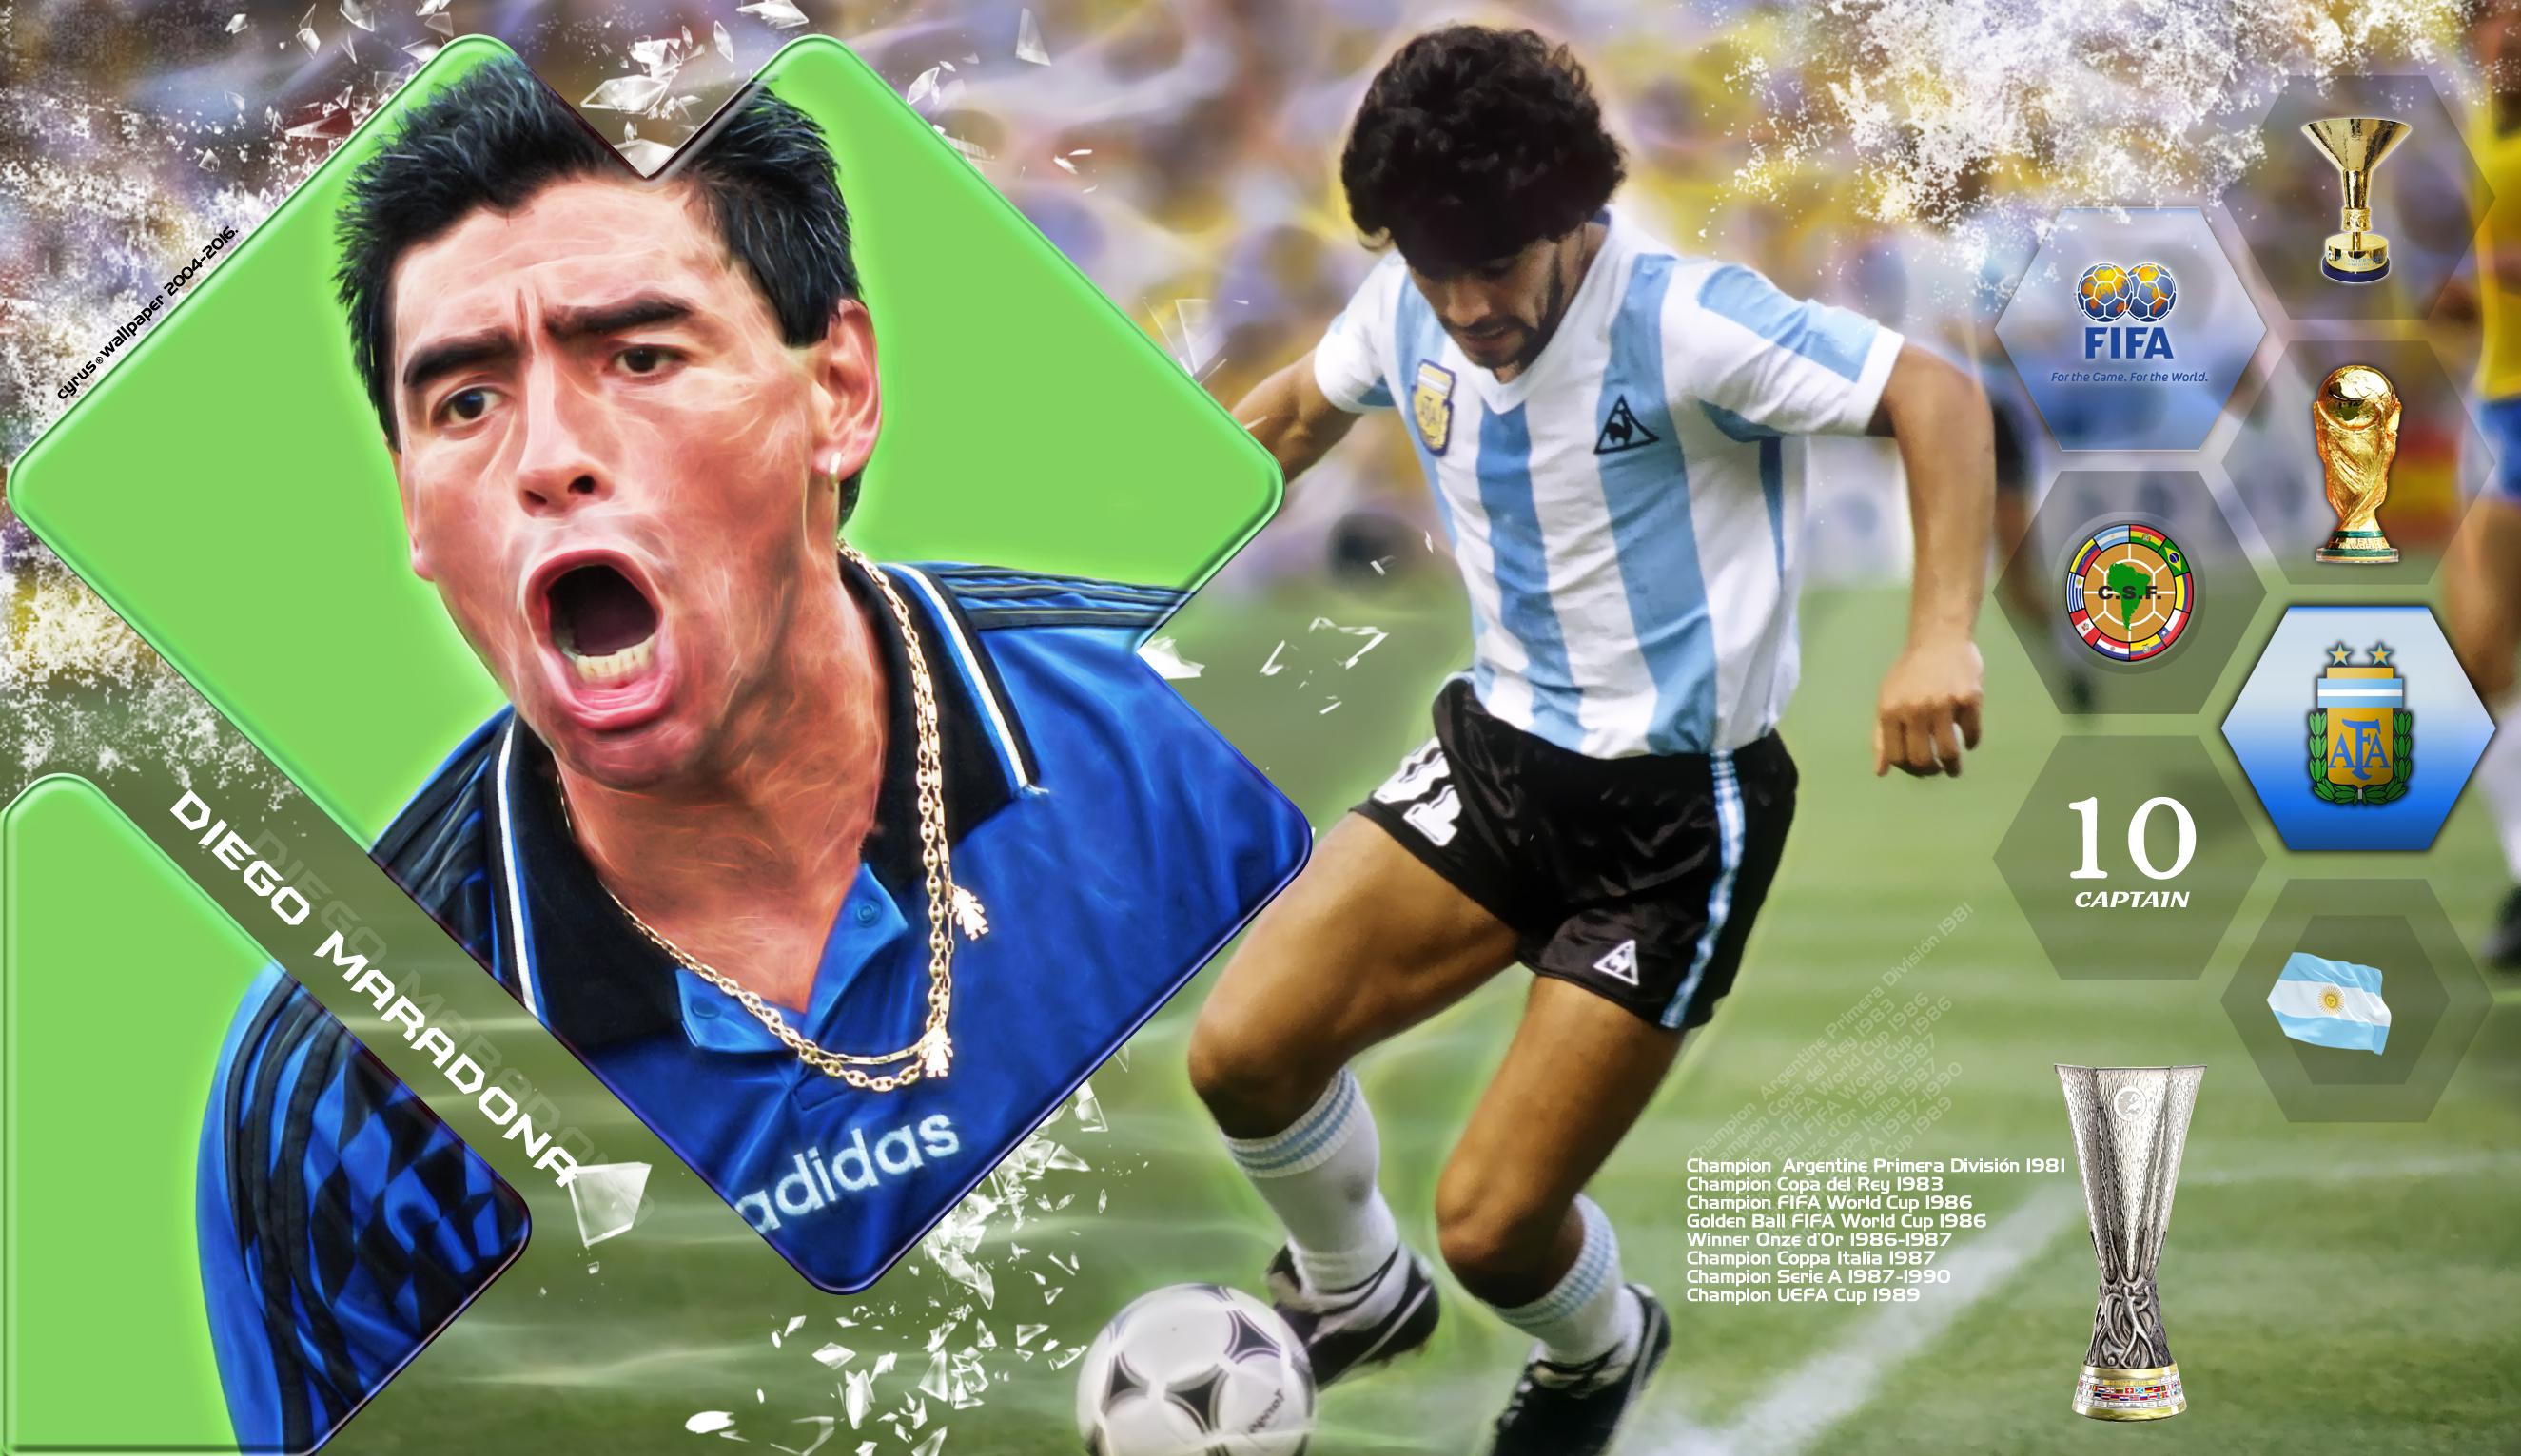 والپیپر دیه گو مارادونا بازیکن افسانه ای آرژانتین در جام جهانی